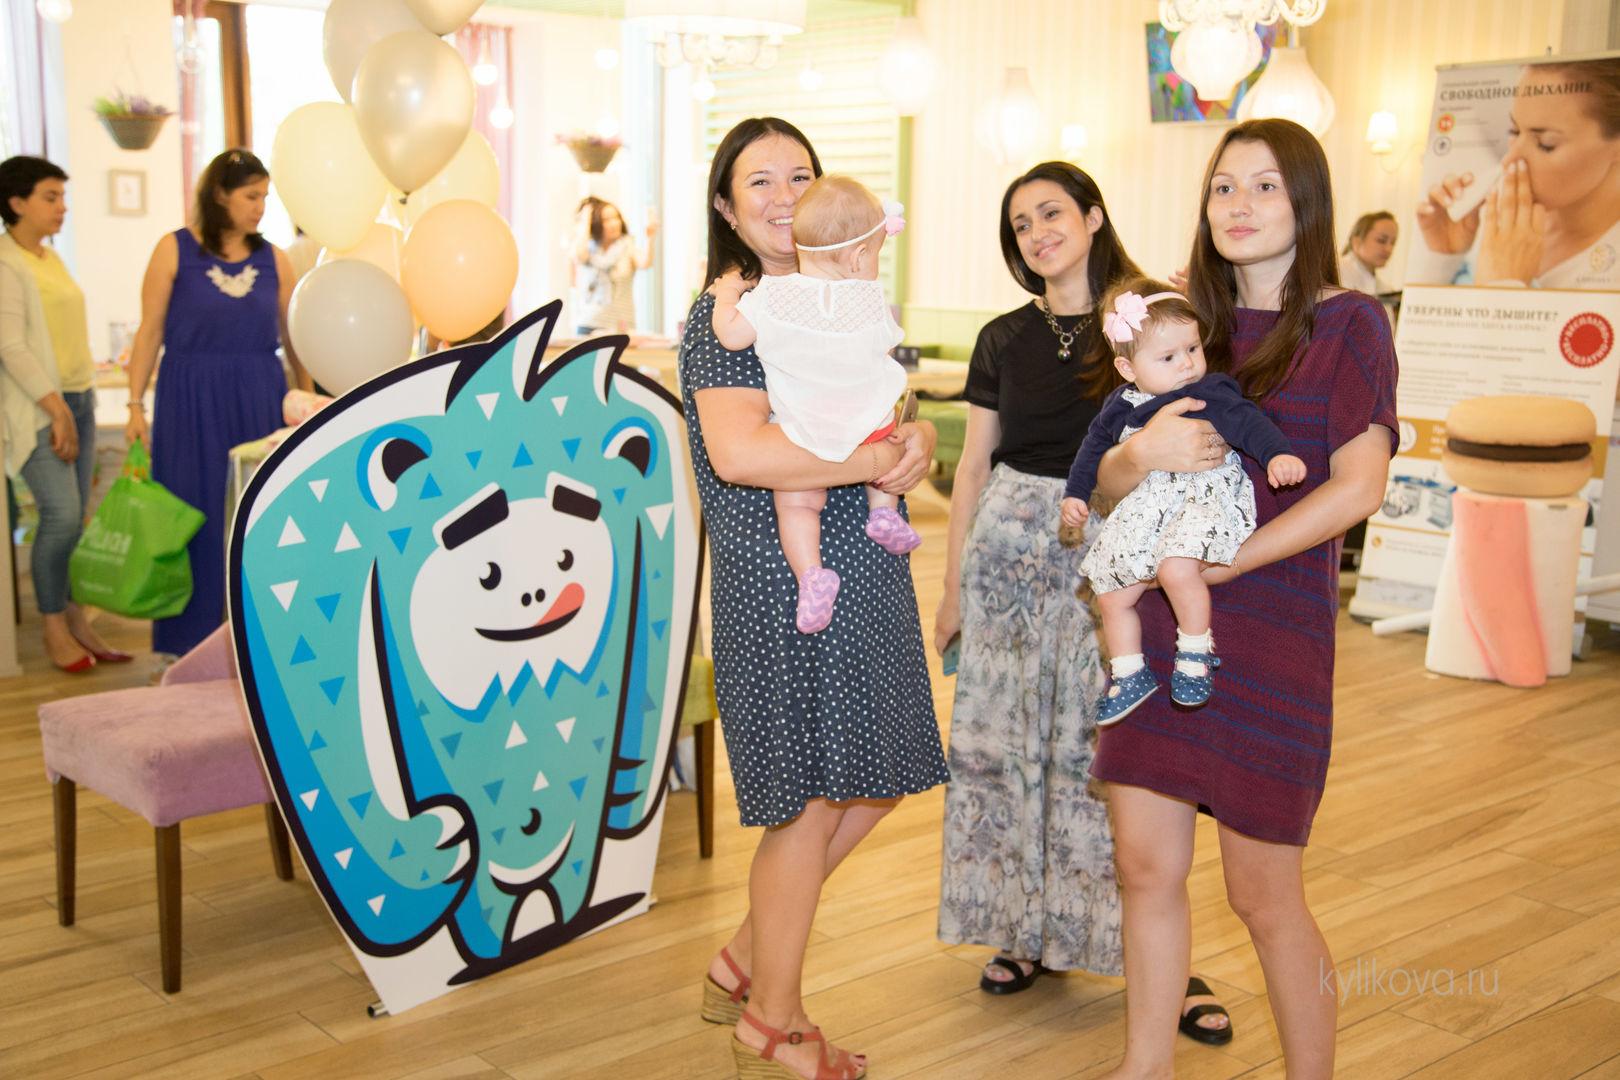 Сайт знакомств для общения молодых мамочек